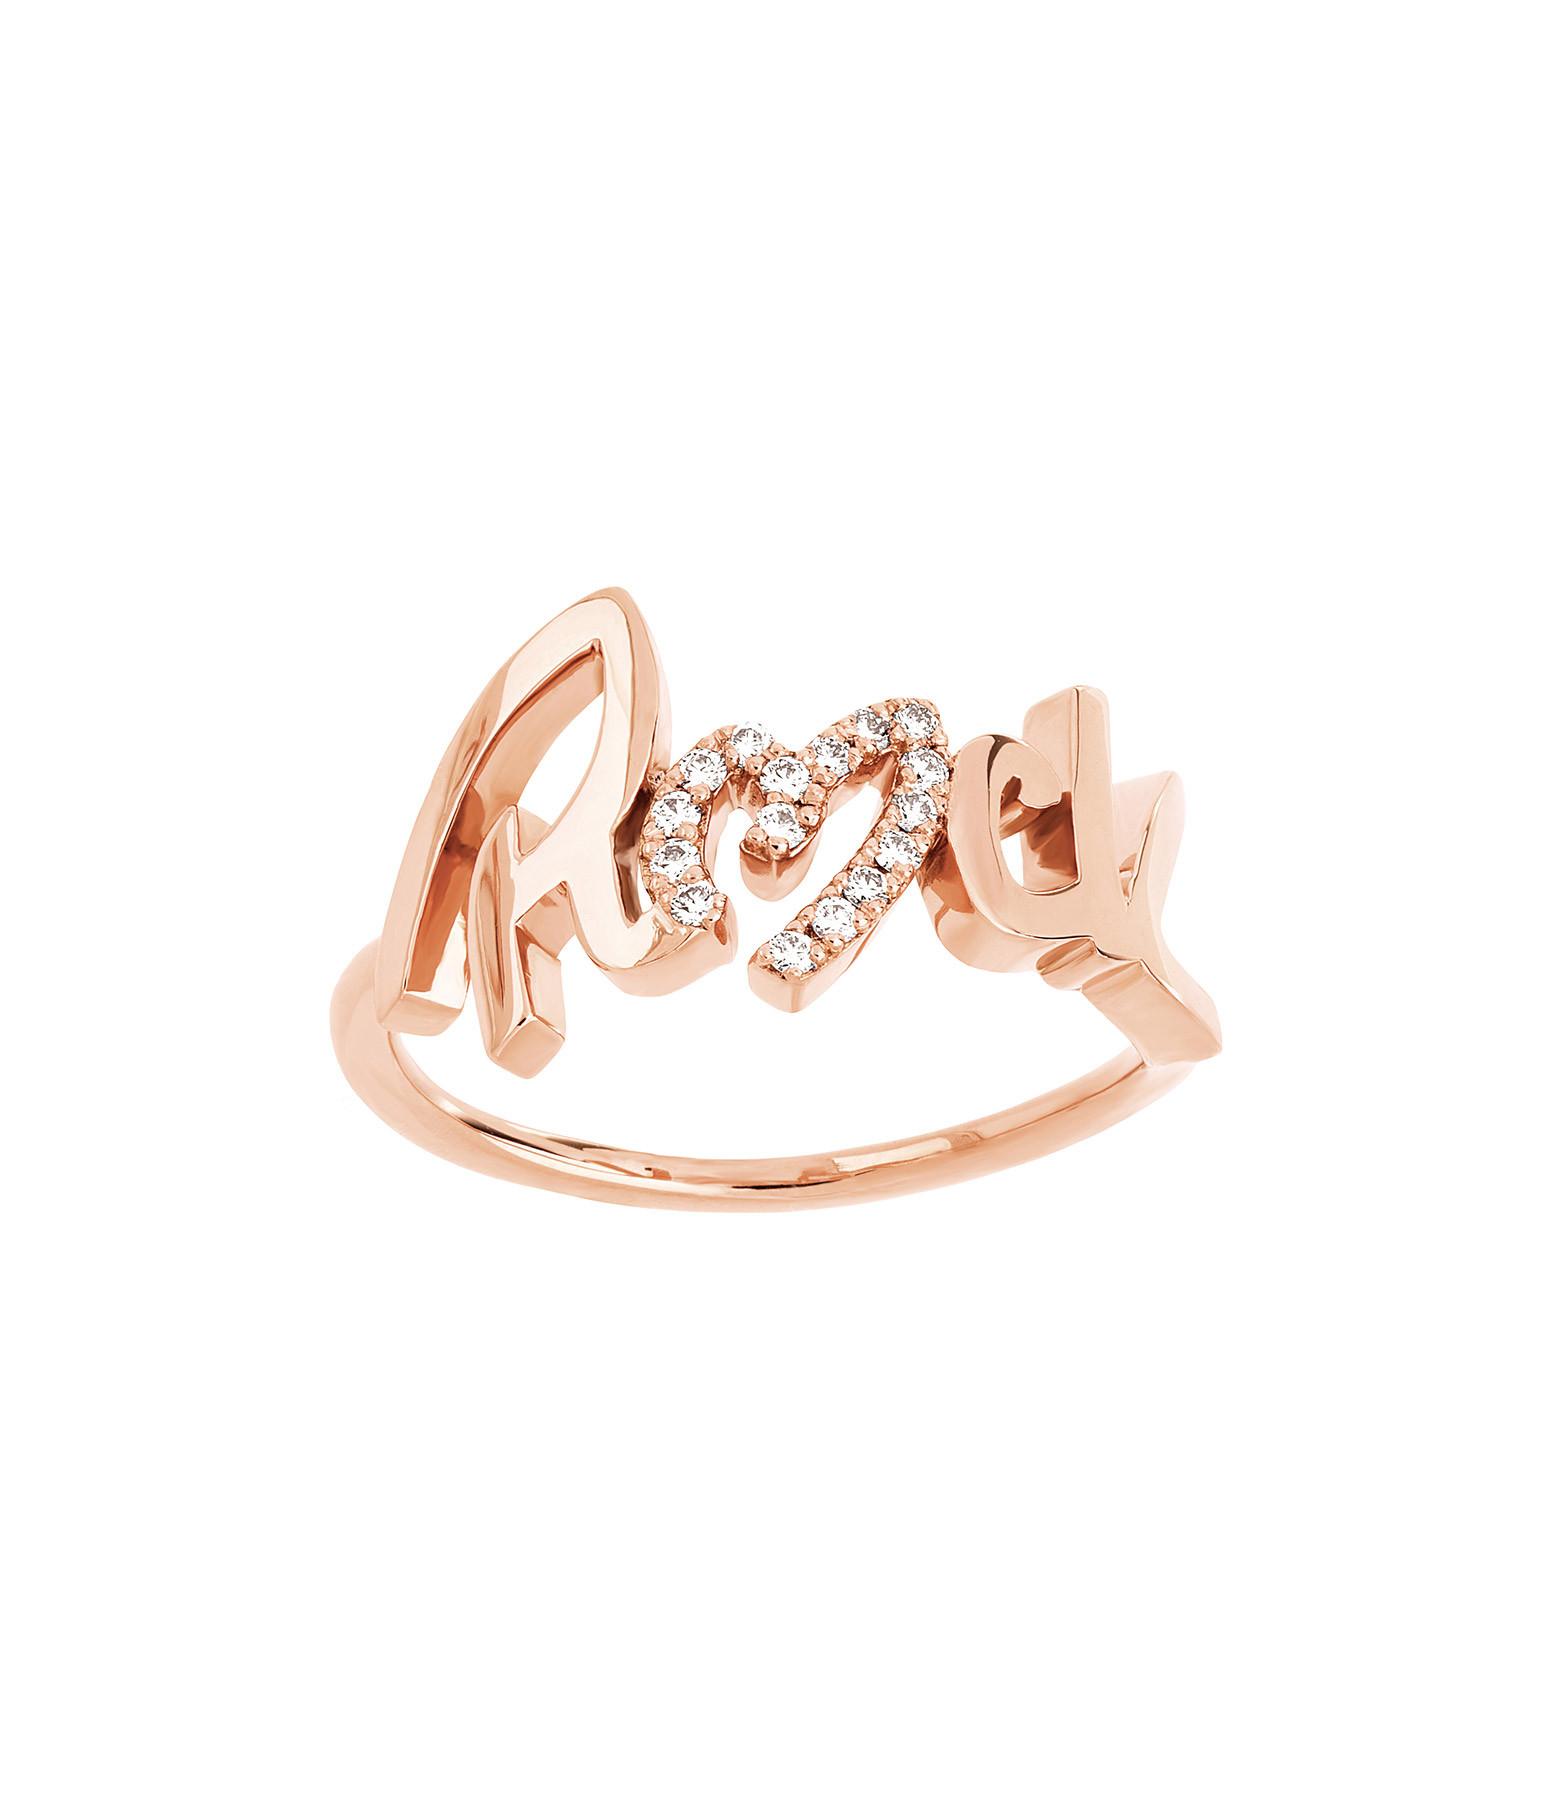 NAVA JOAILLERIE - Bague Rock Diamant Or Rose